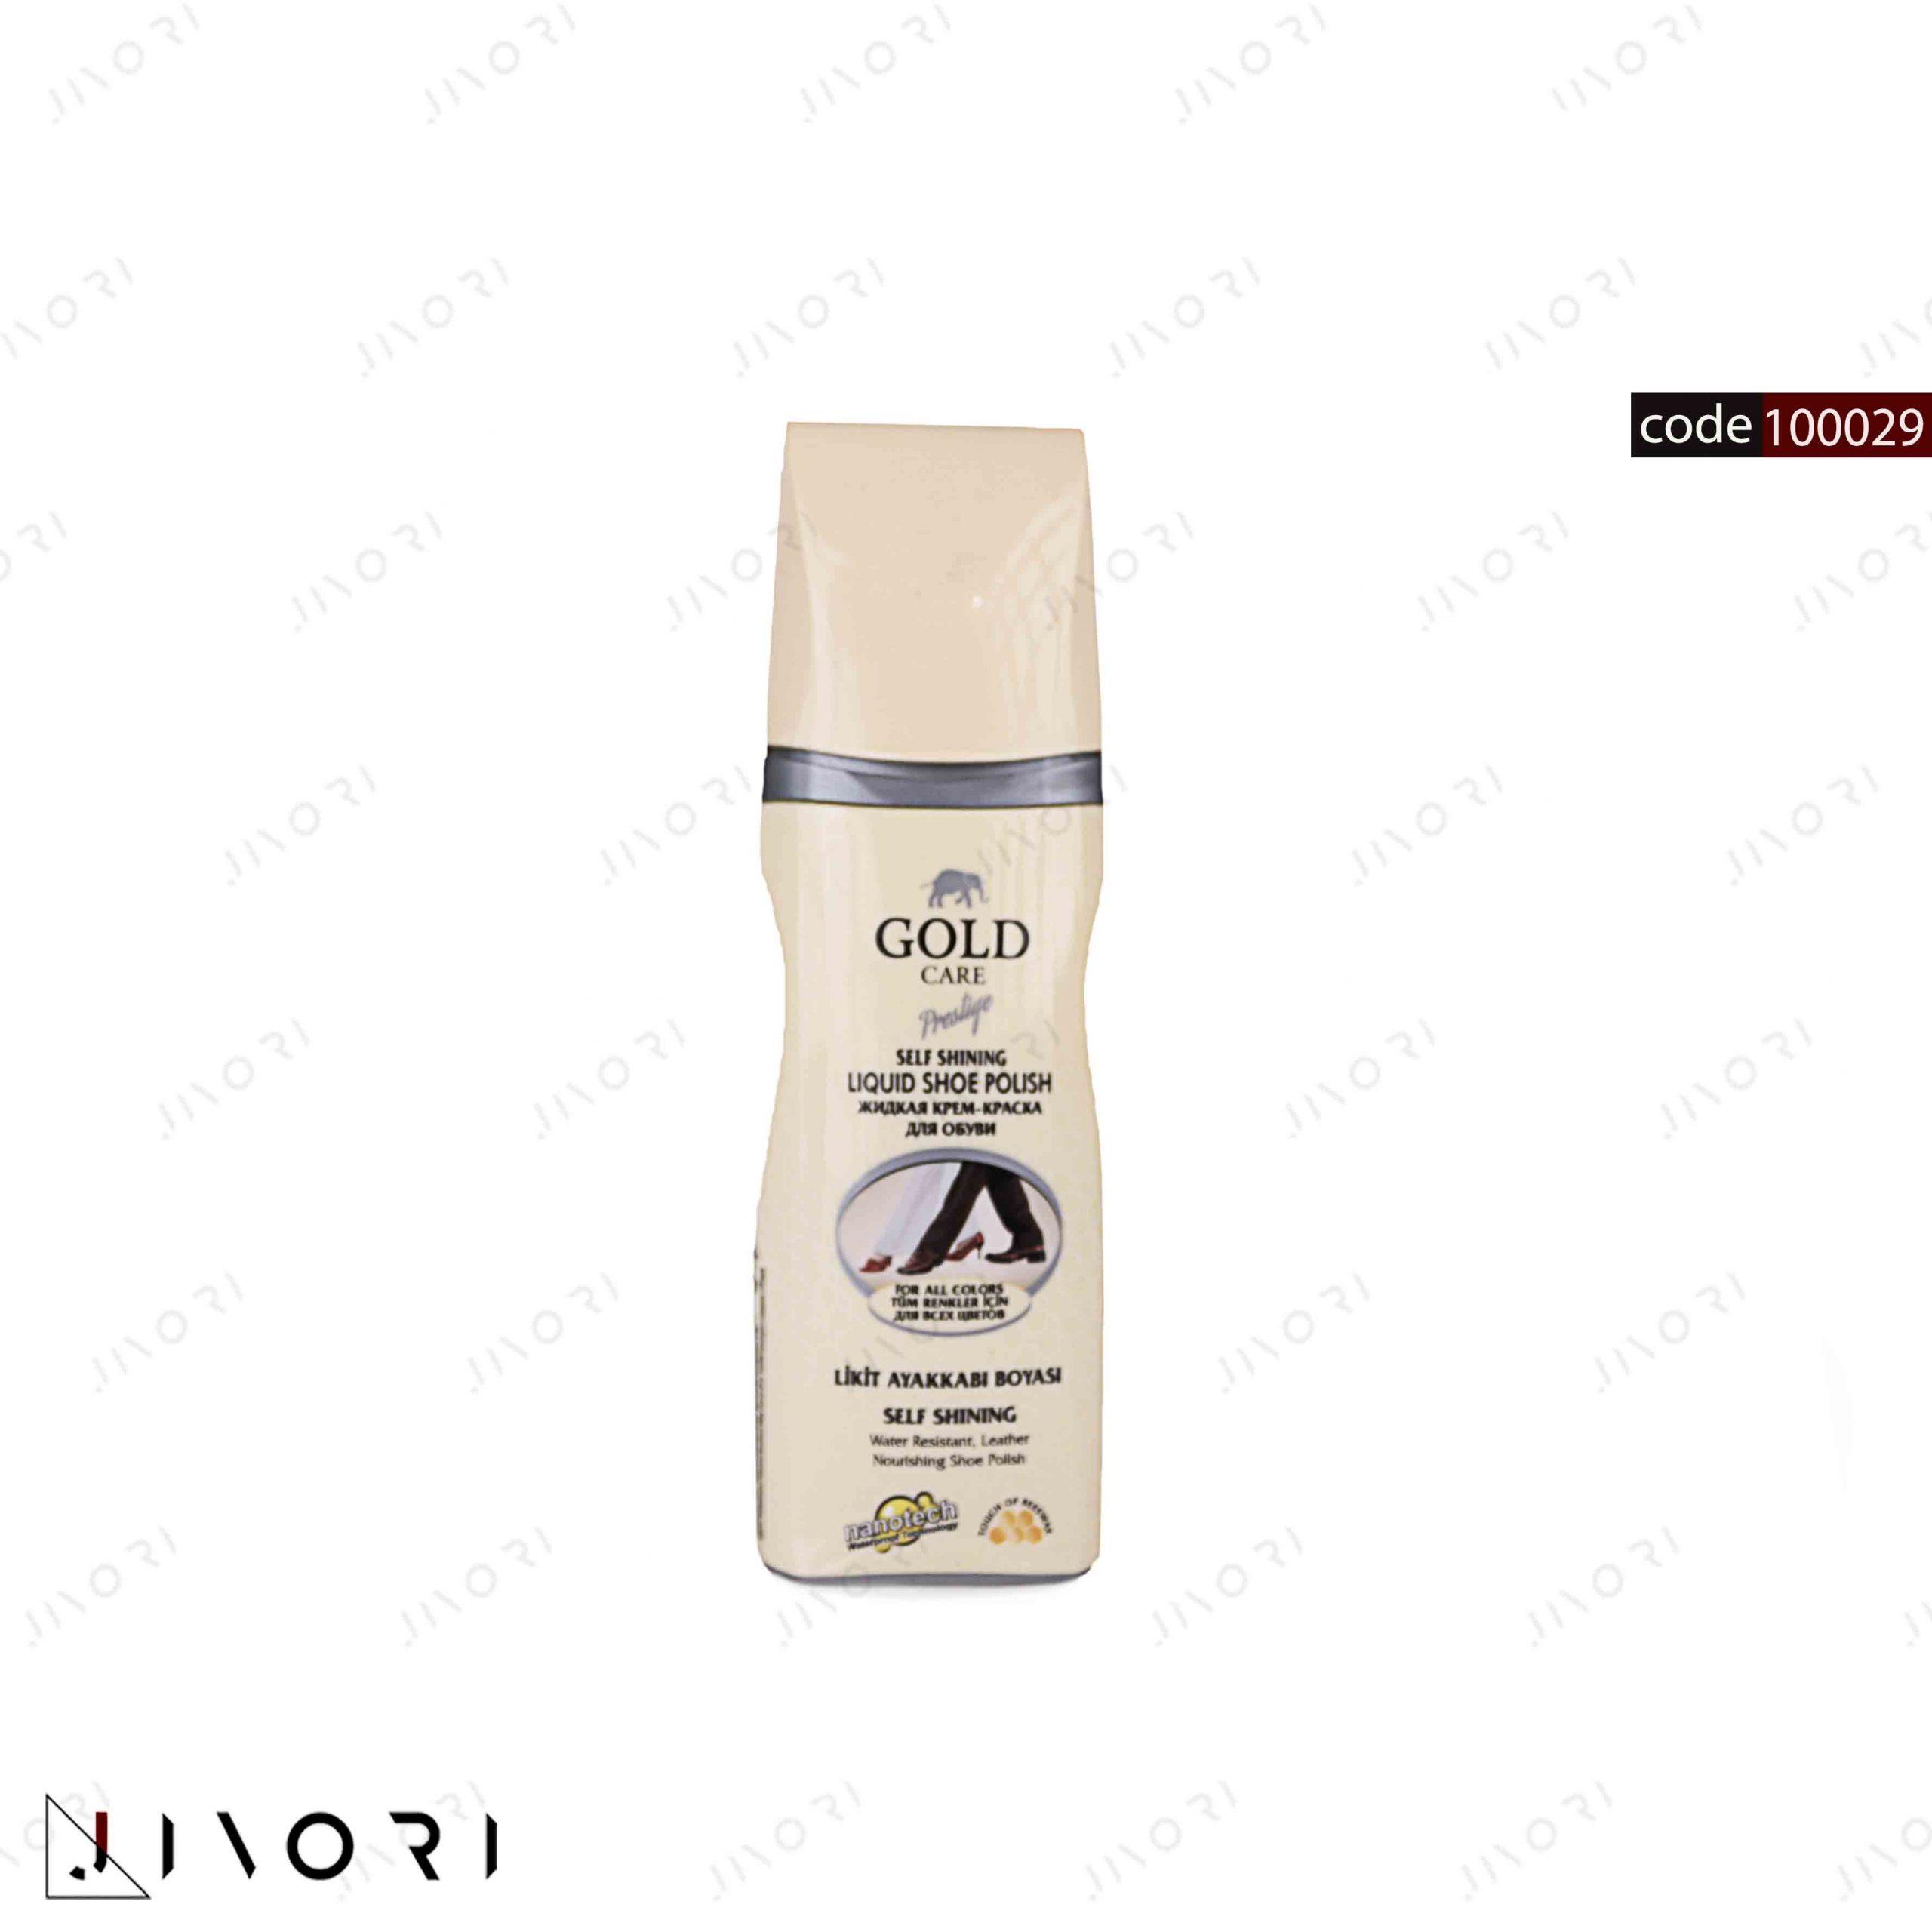 واکس مایع گلد (100029)